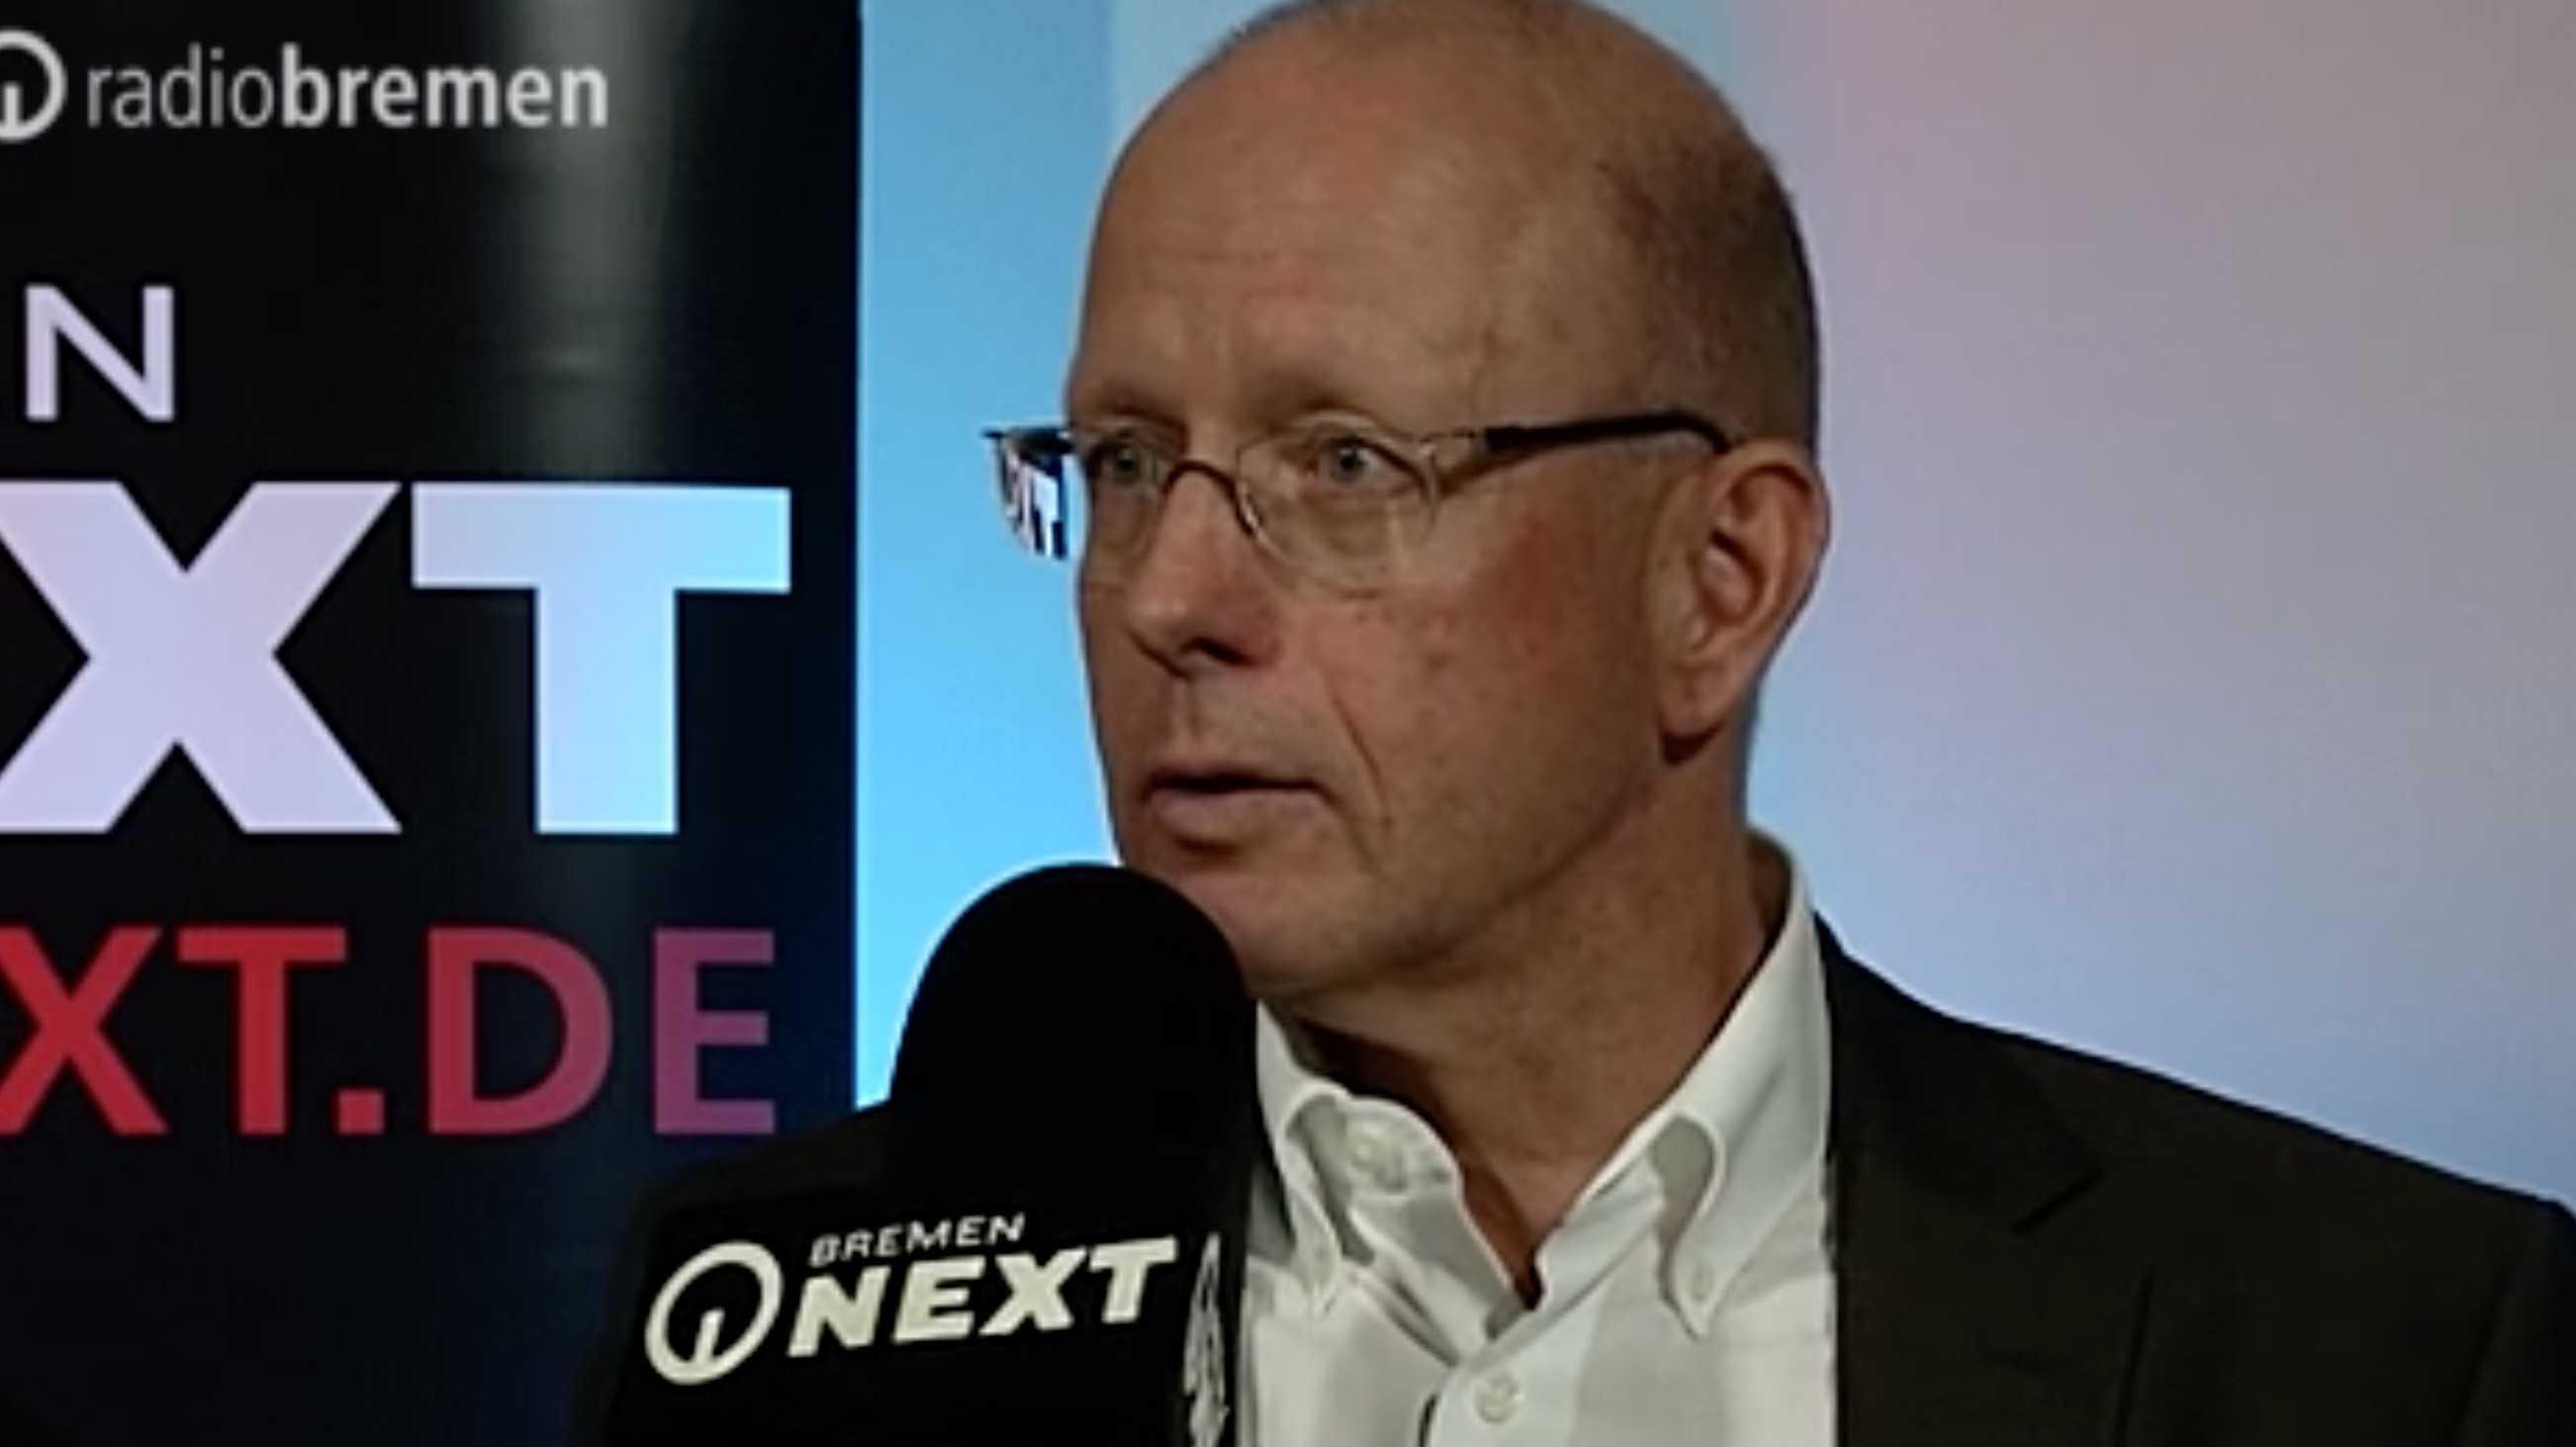 Jan Metzger